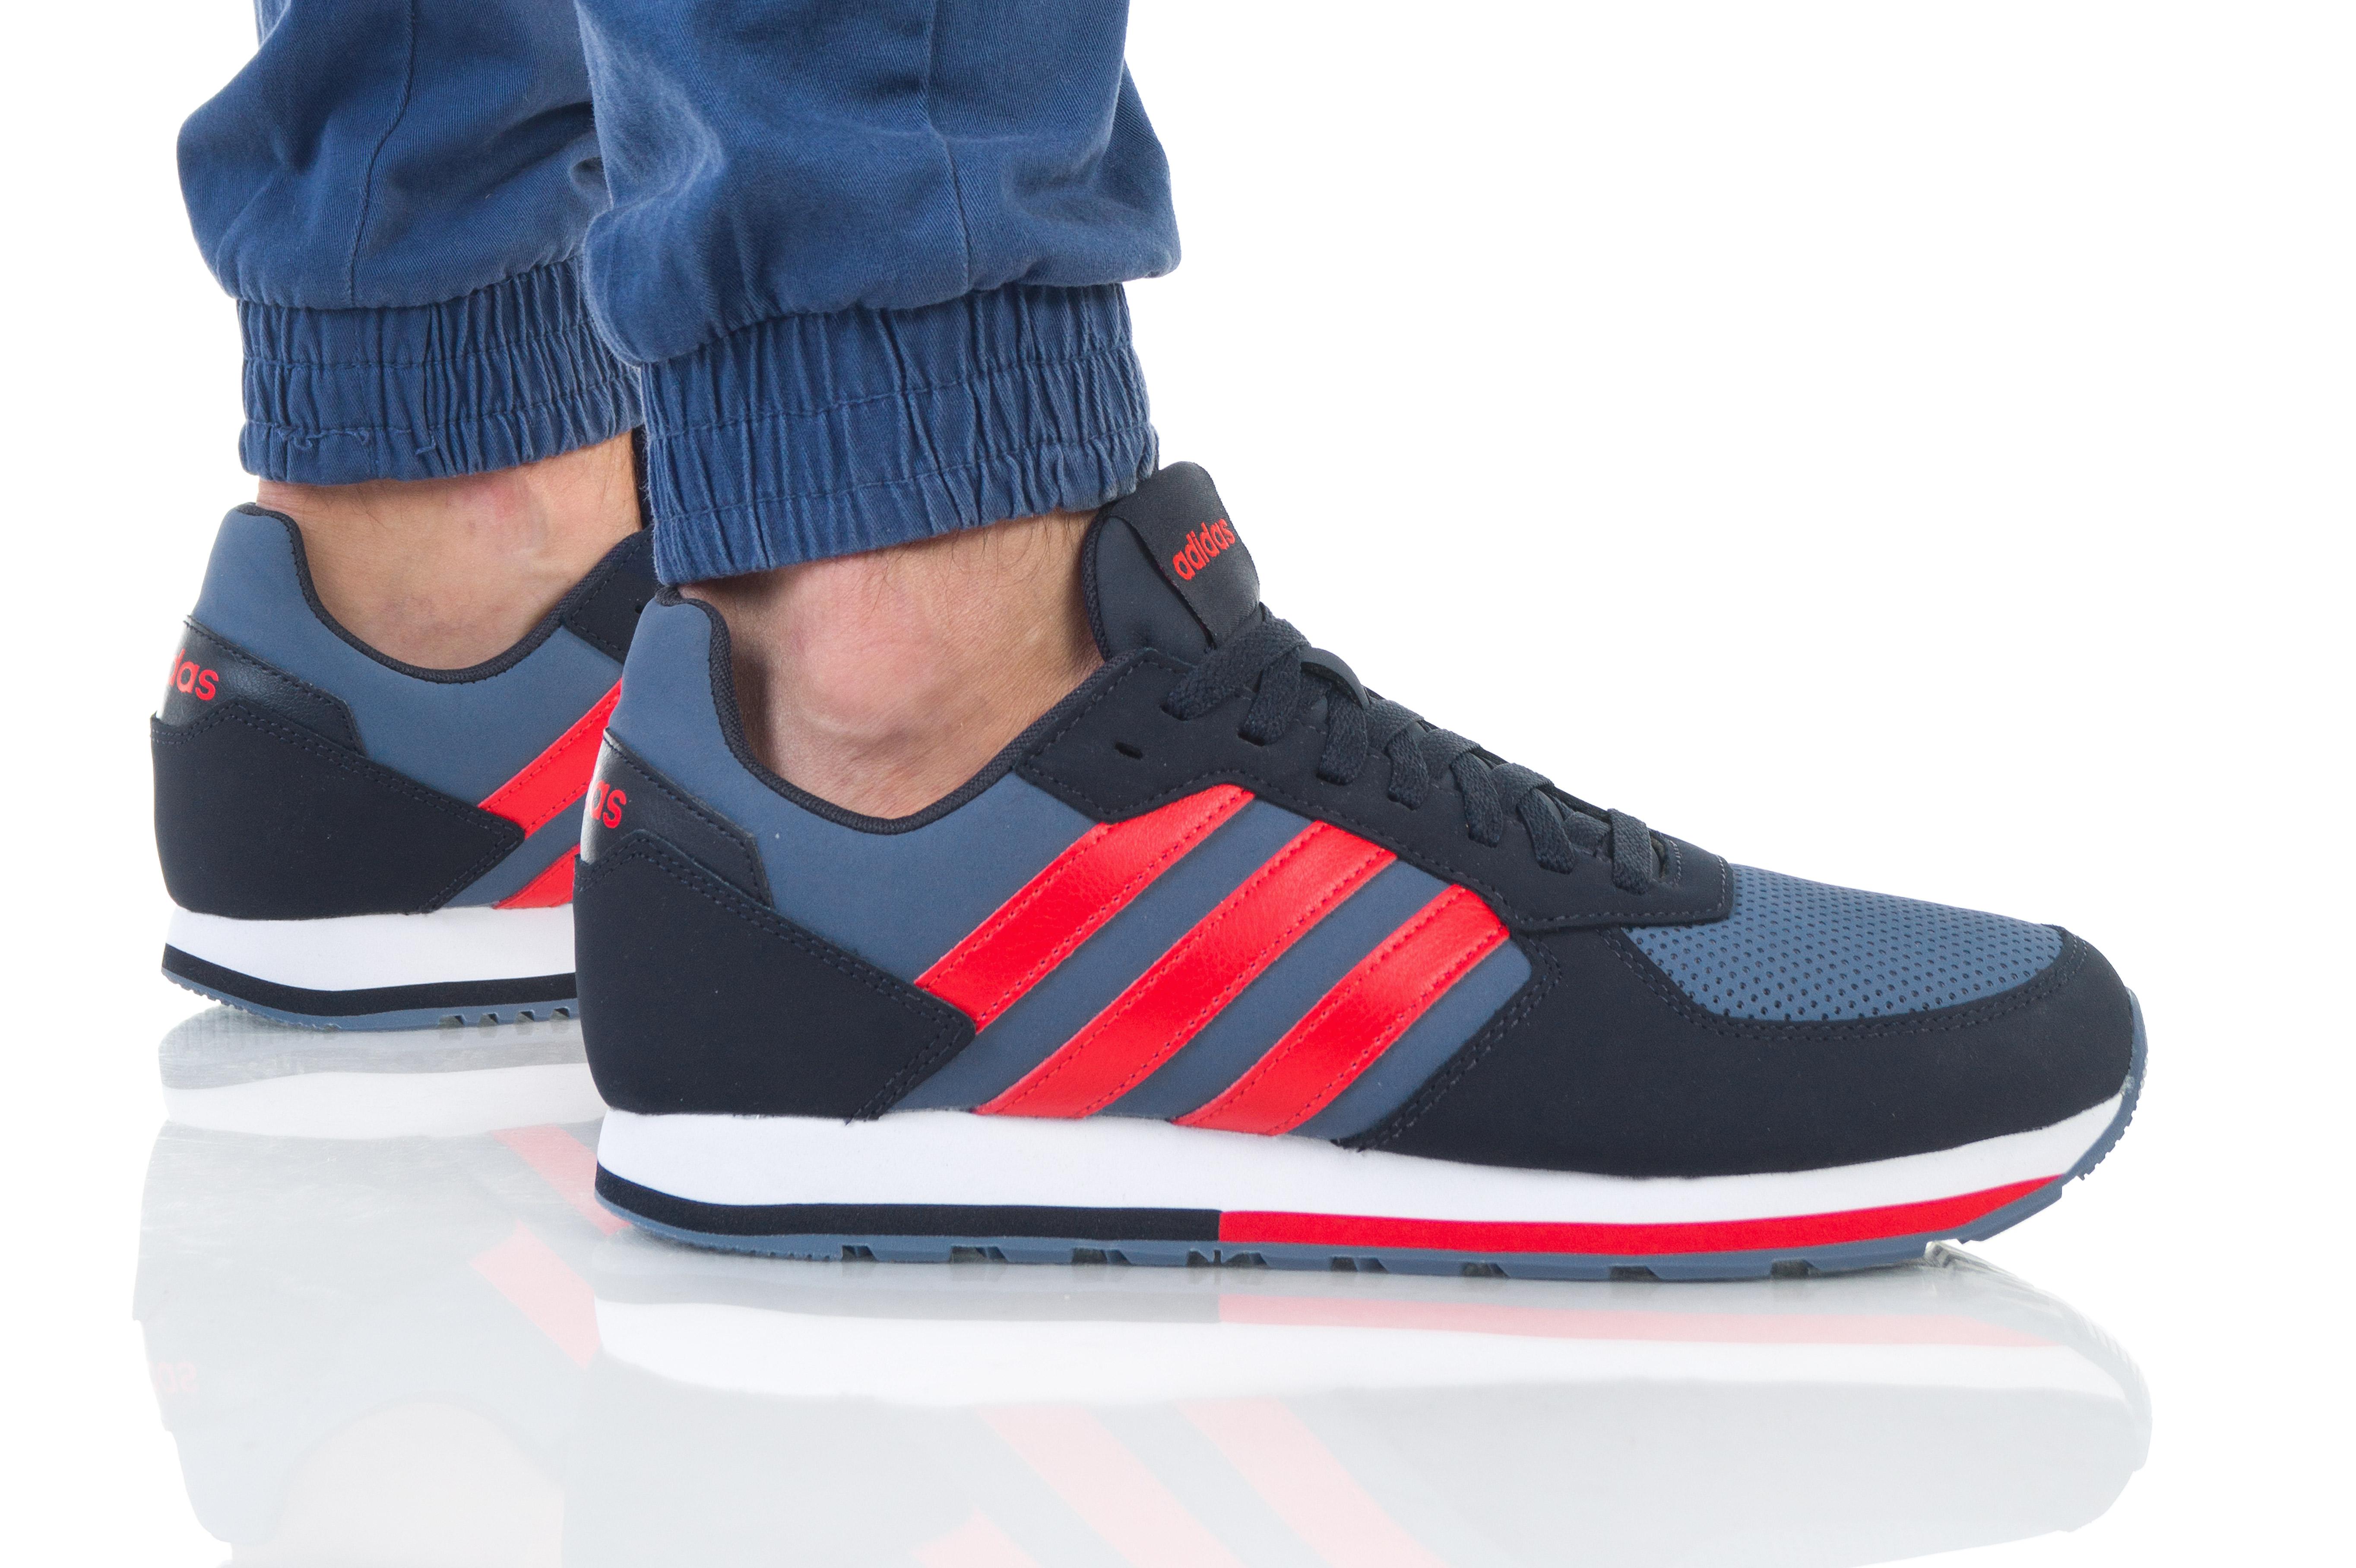 נעליים אדידס לגברים Adidas 8K - שחור/אדום